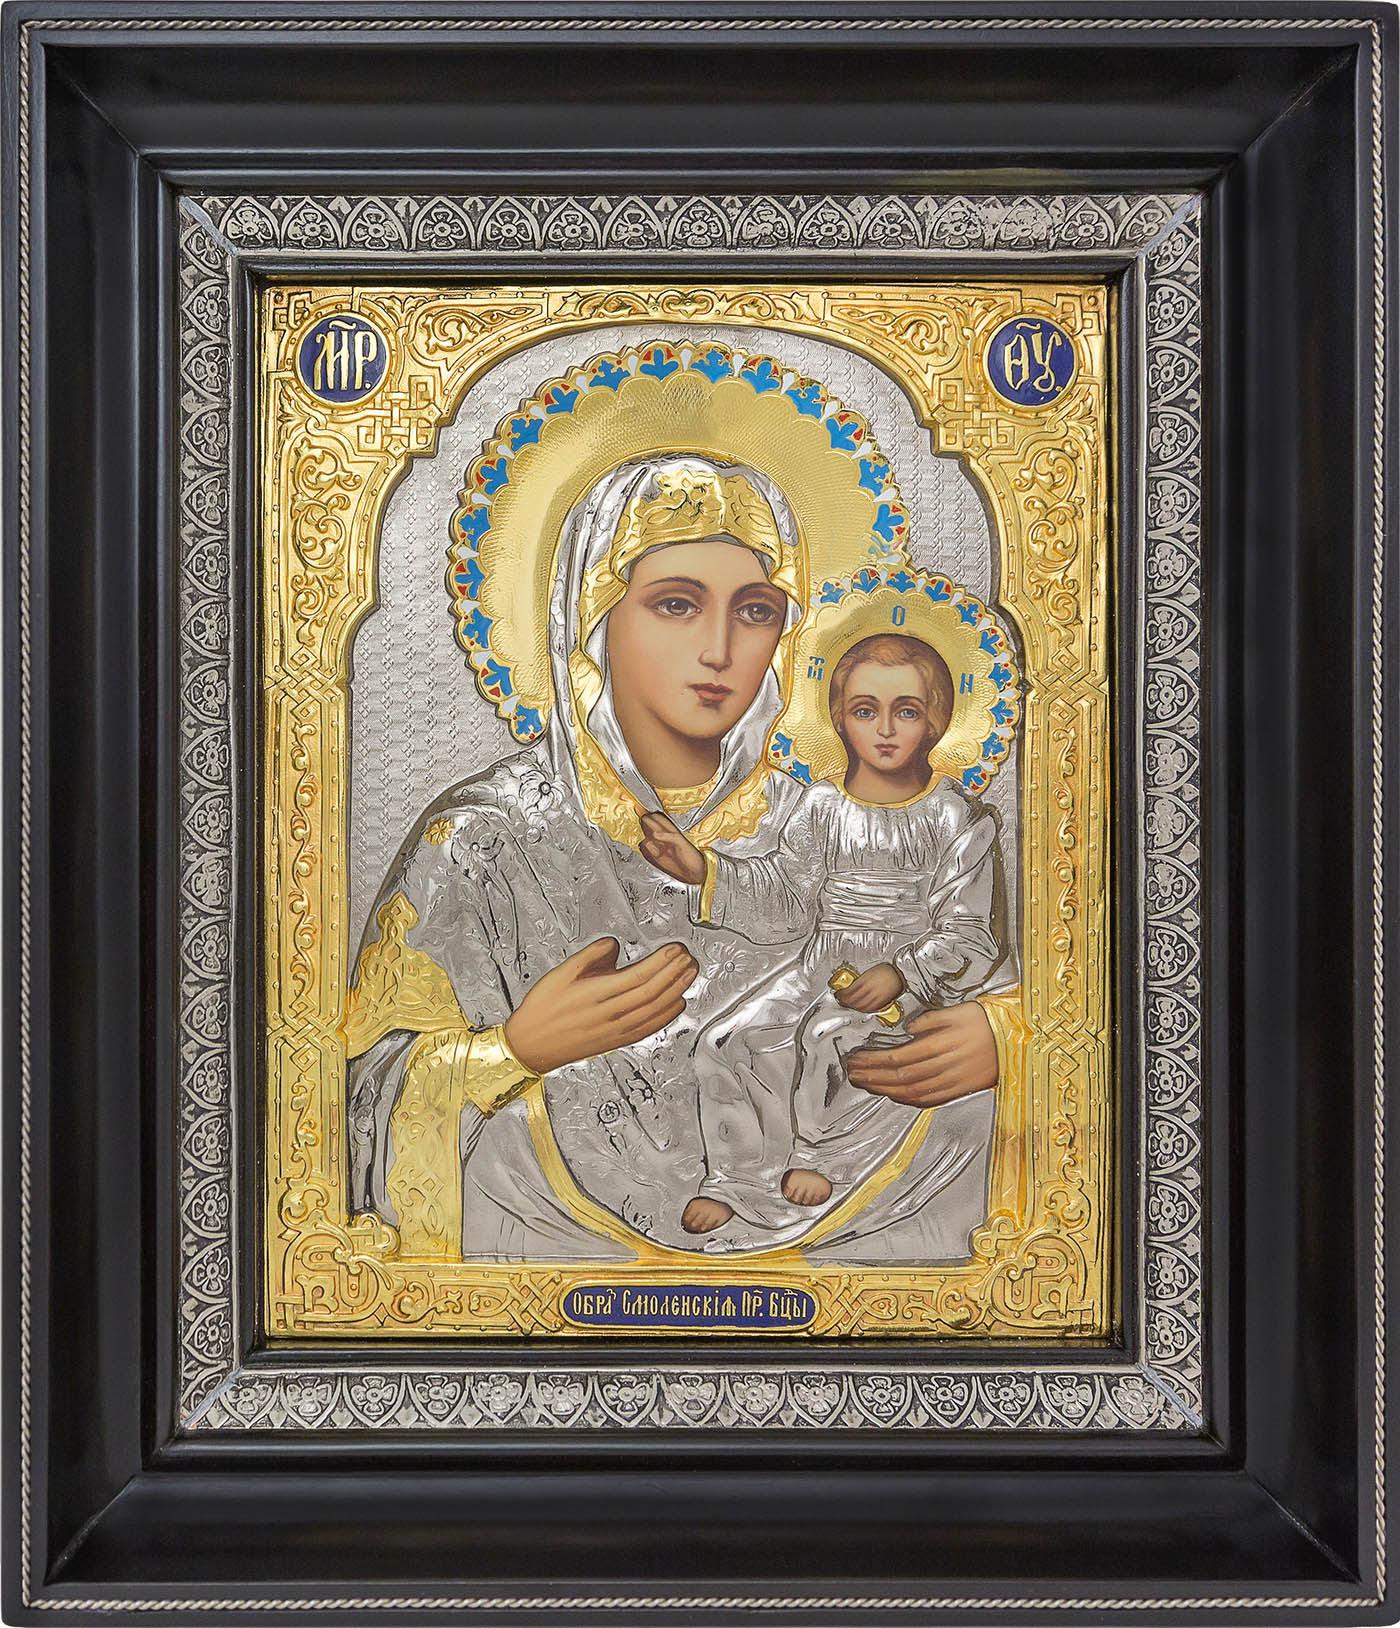 фото Смоленская икона Божией Матери гальванопластика золото серебро